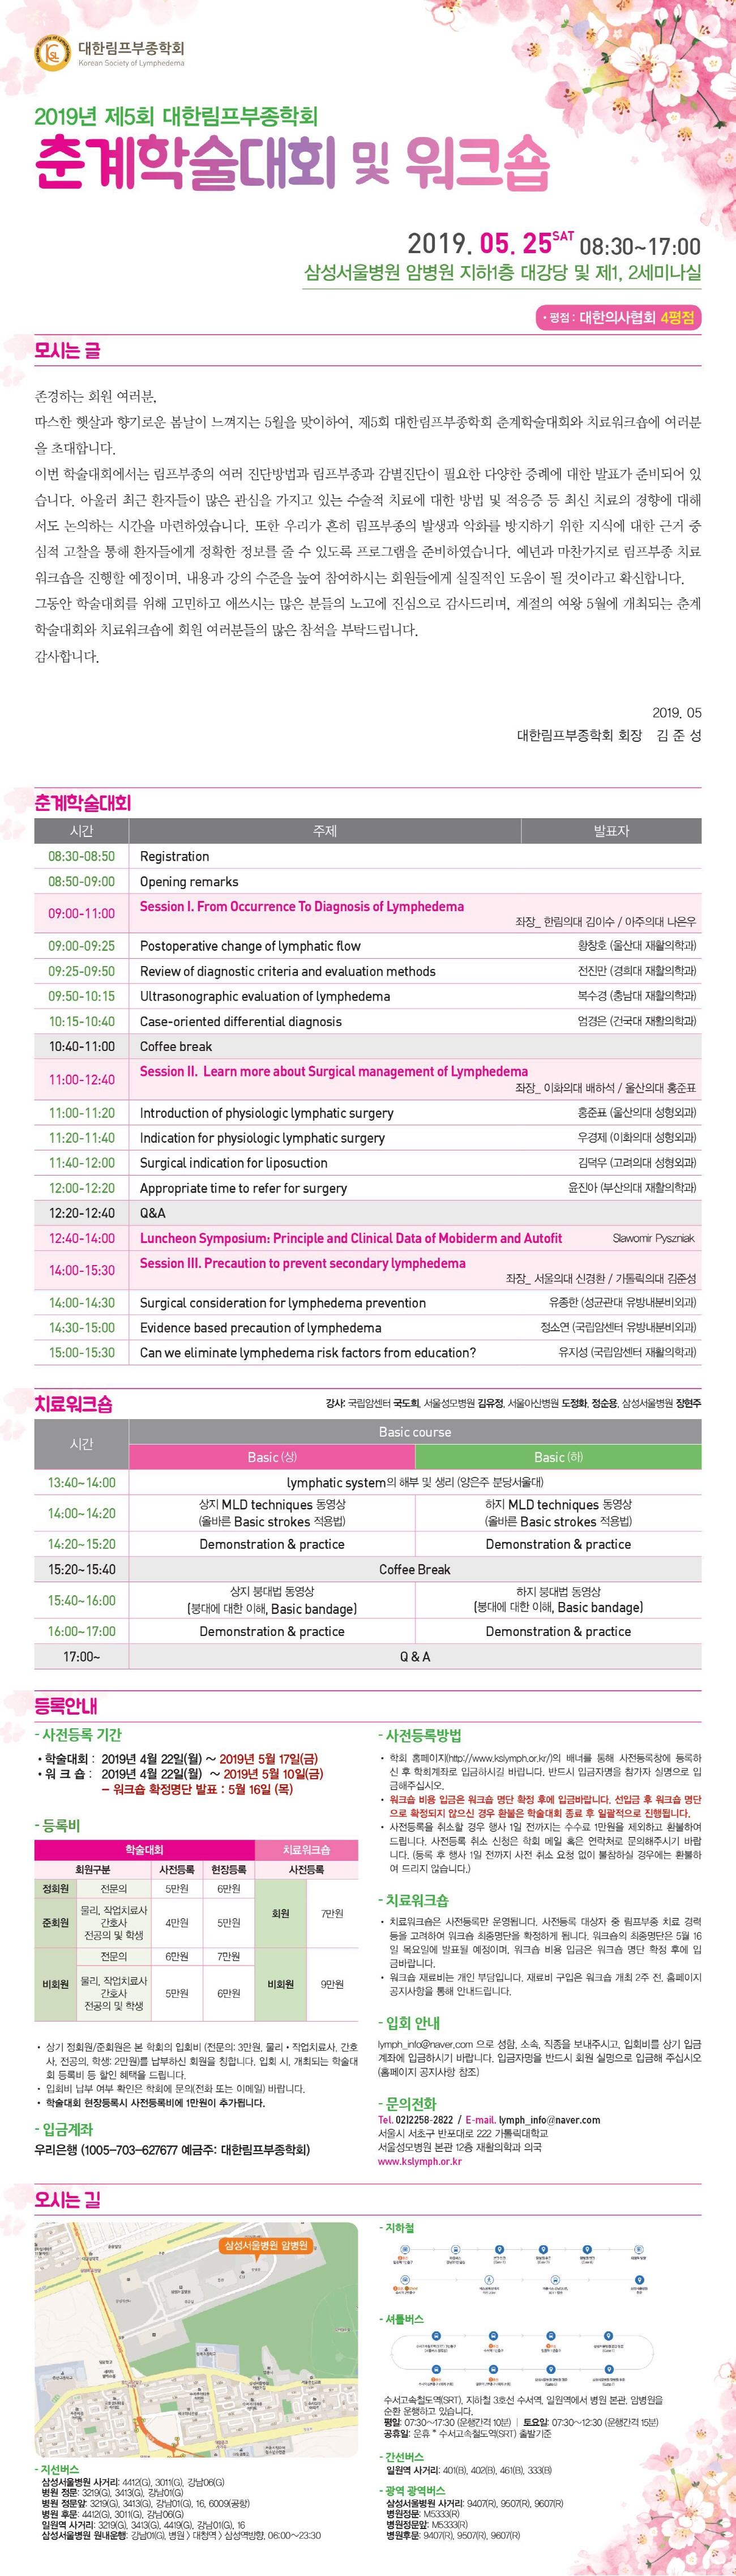 첨부_2019 림프부종학회 제5회 춘계학술대회 및 워크숍 일정.jpg